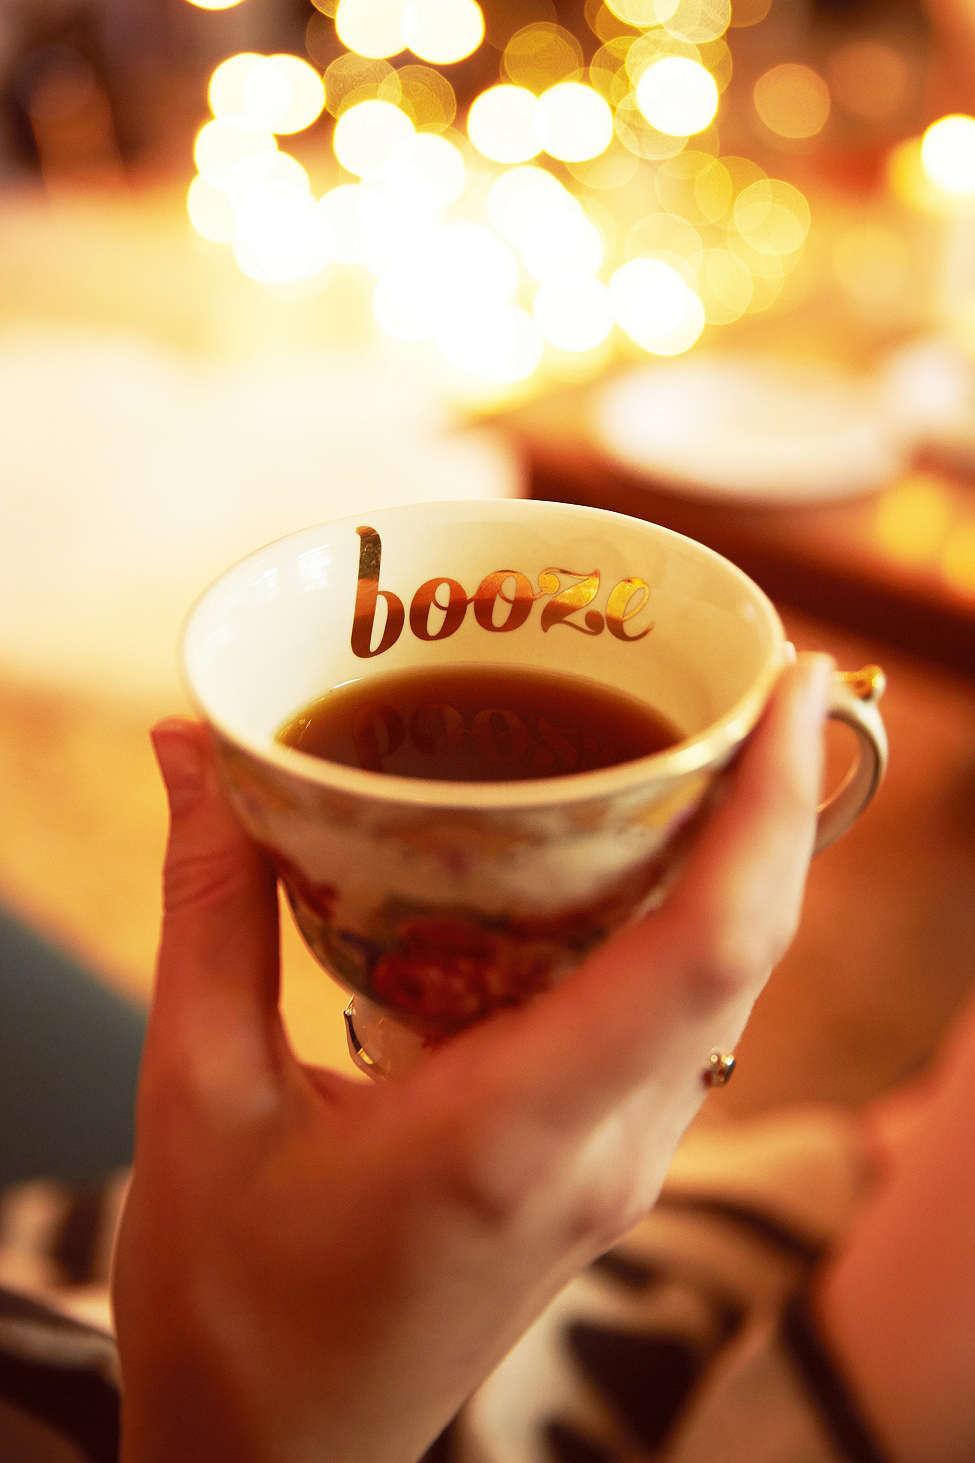 Cheers. http://t.co/ebjbpLNGrk http://t.co/8vZ5uaVfIk